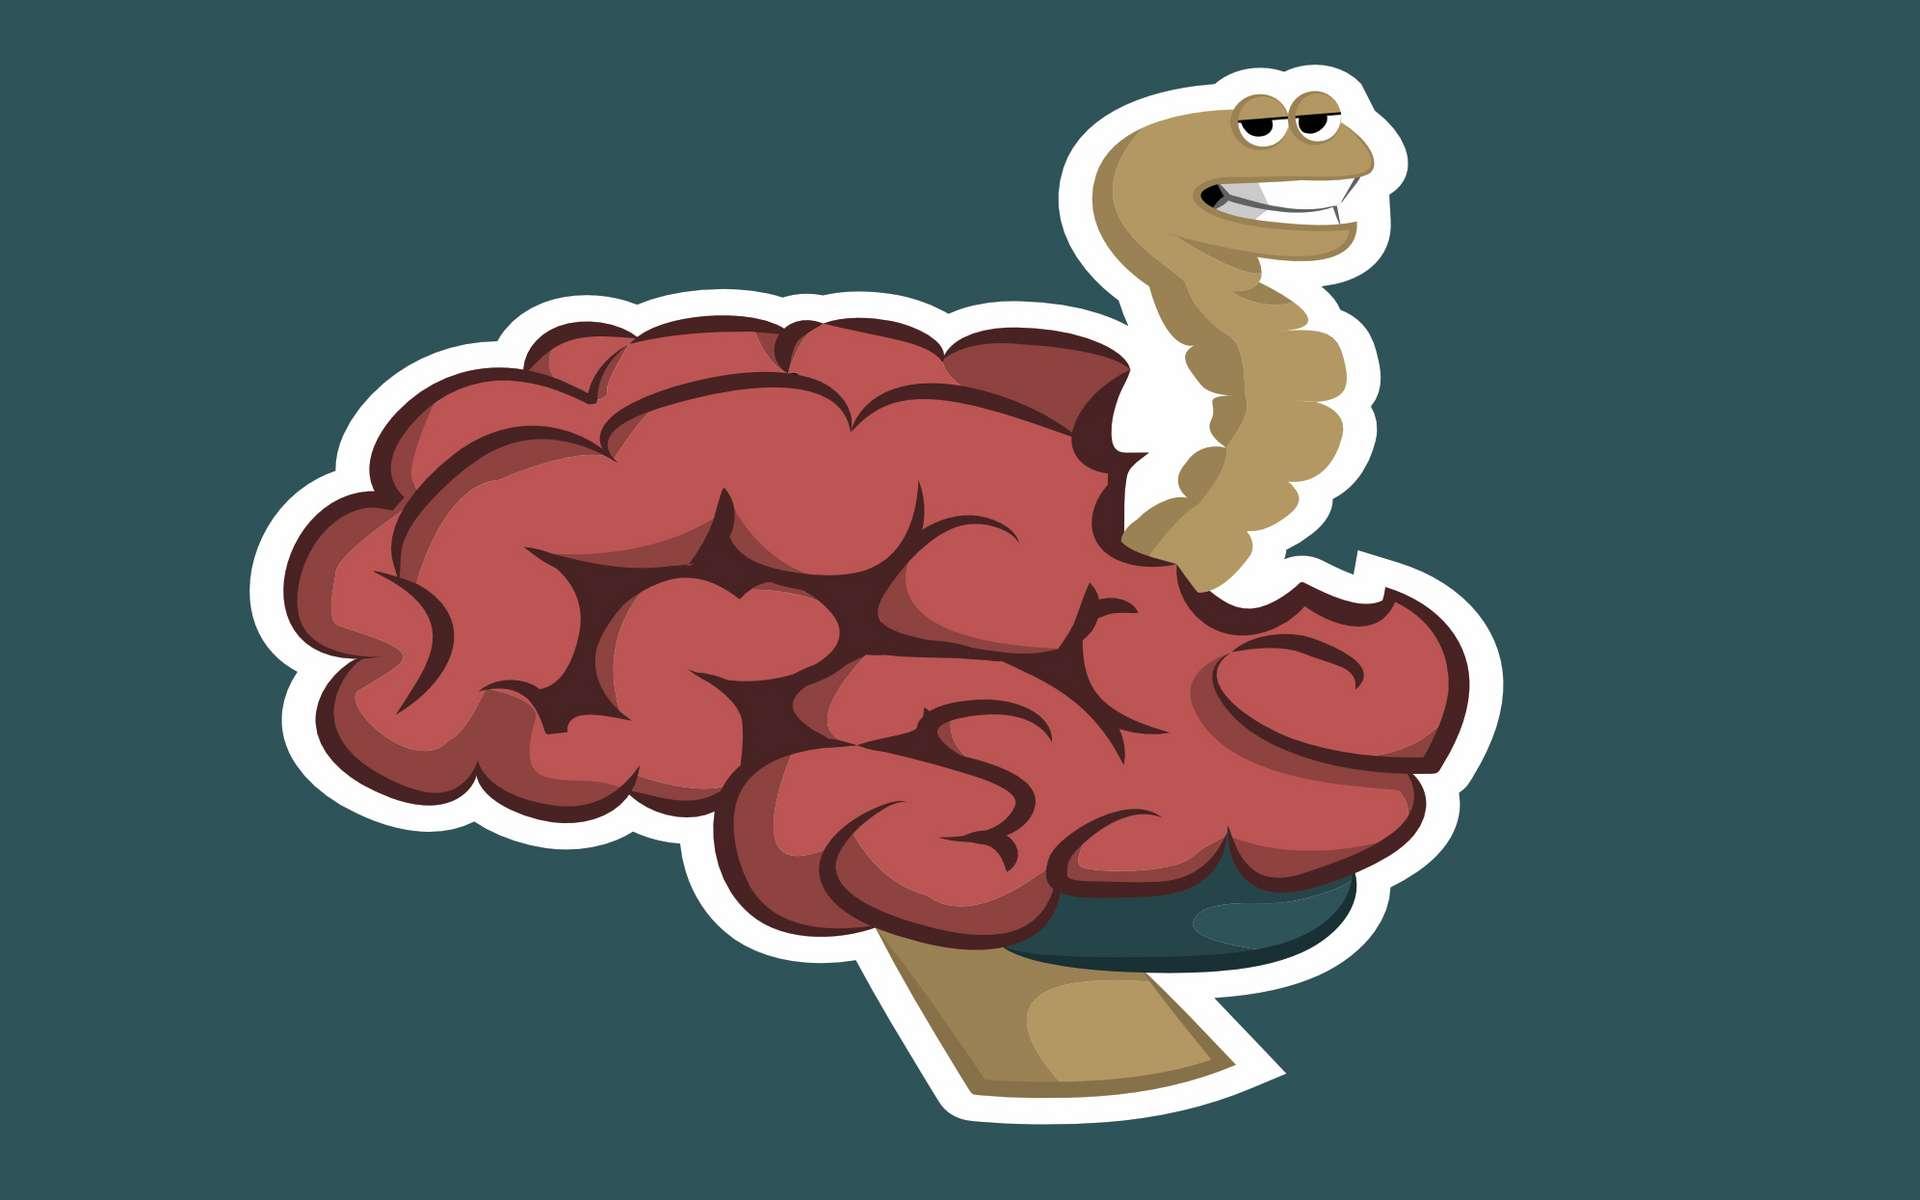 Le ver solitaire était logé dans son cerveau depuis 14 ans. © 13fosgen, Adobe Stock